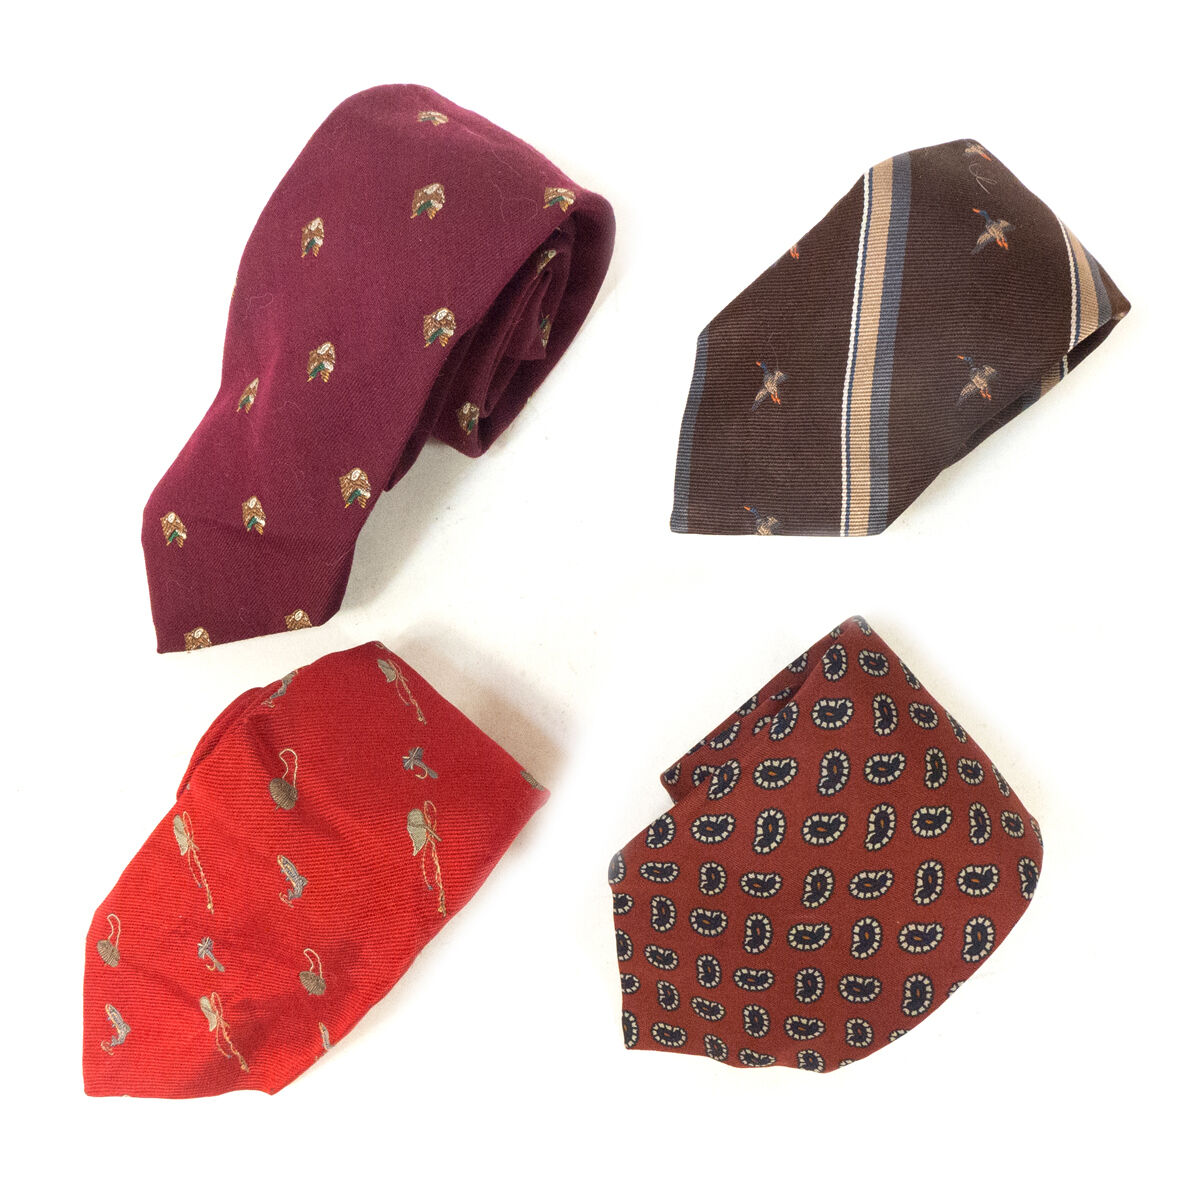 #10 Mixed Lot of 4 Vintage Men's ALBERT Designer Red, Brown Colored Neck Ties